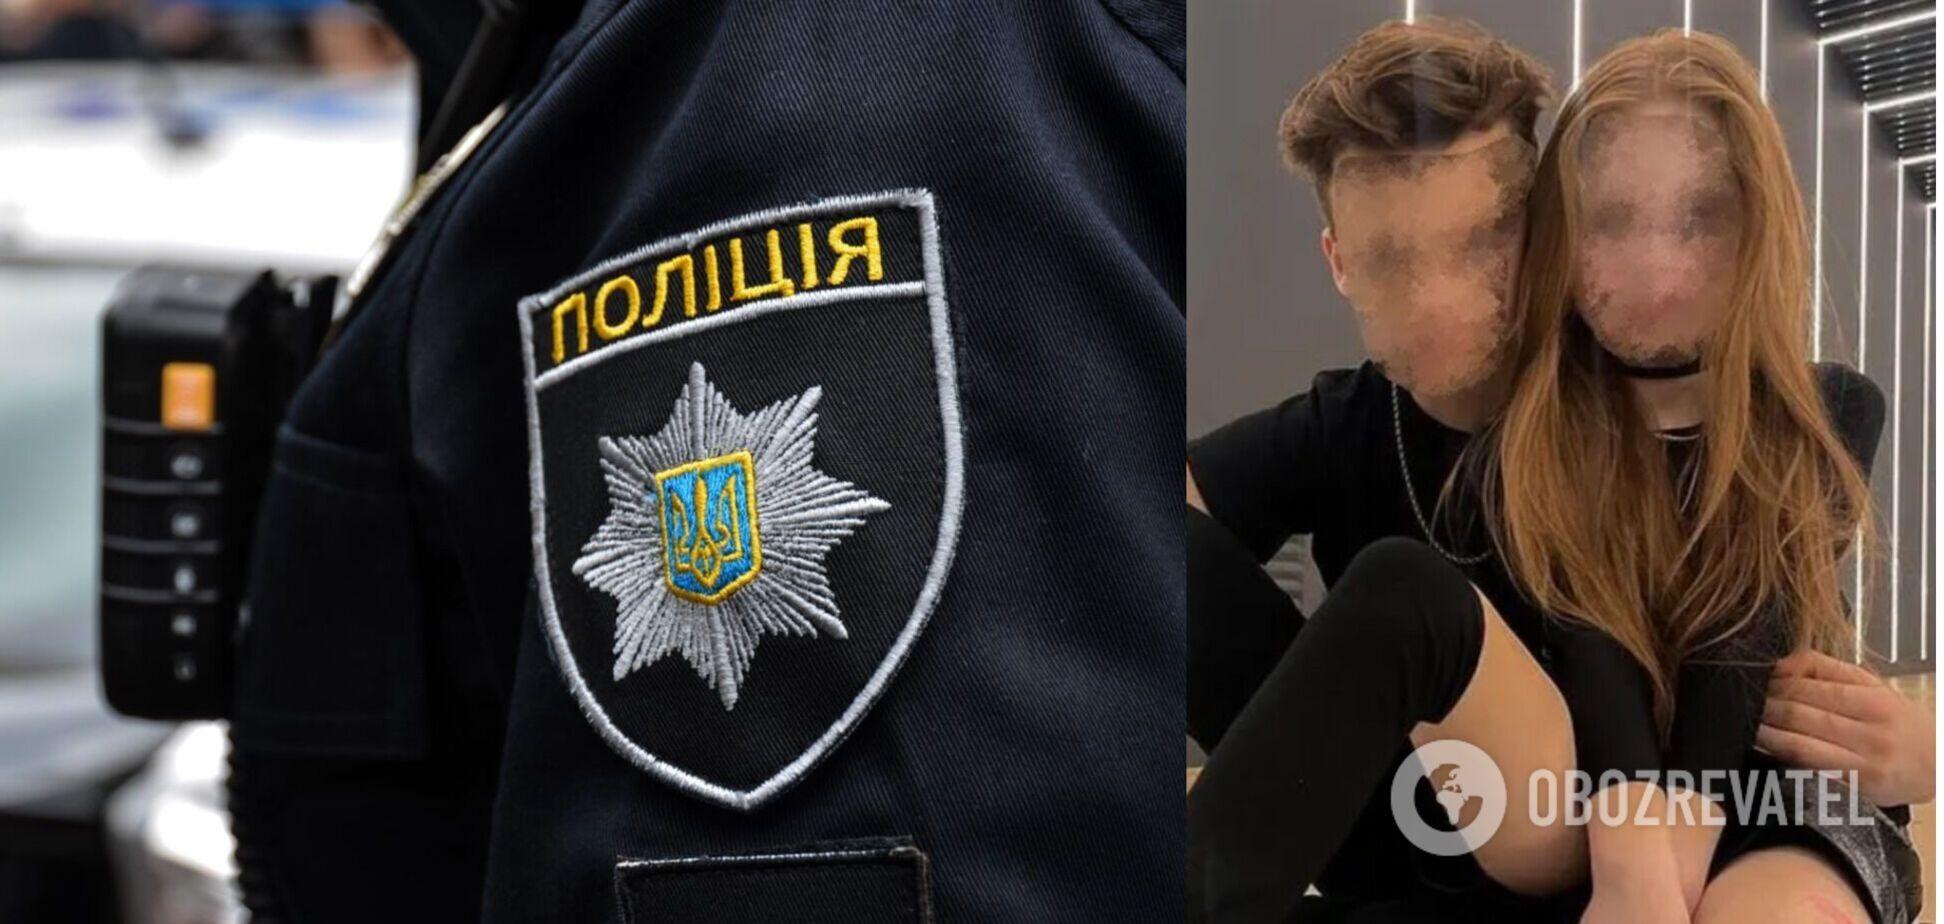 Полиция открыла уголовное производство из-за отношений 8-летней украинки с 13-летним блогером